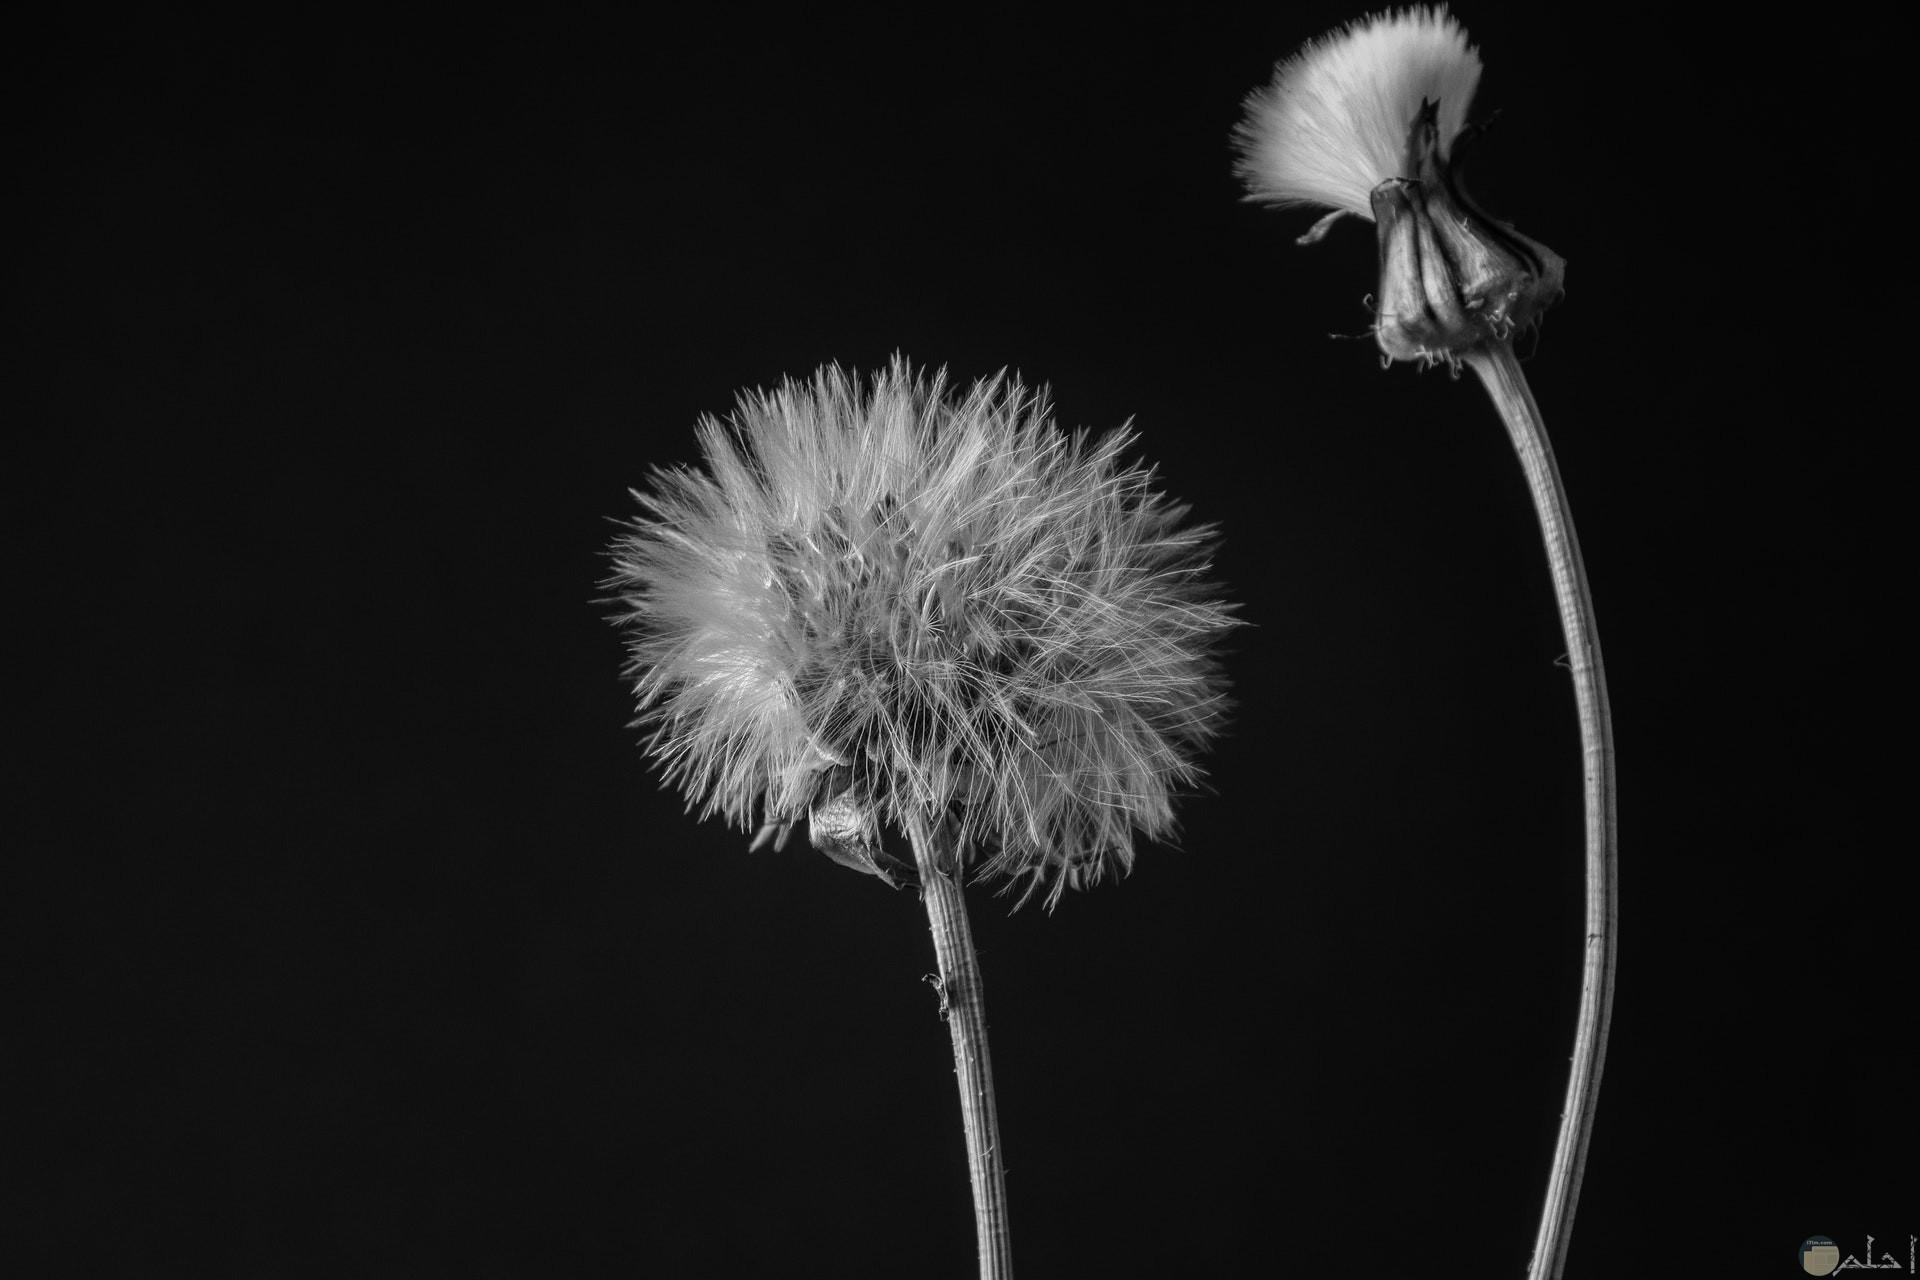 صورة كئيبة بالأبيض والأسود لزهرتين حزينتين